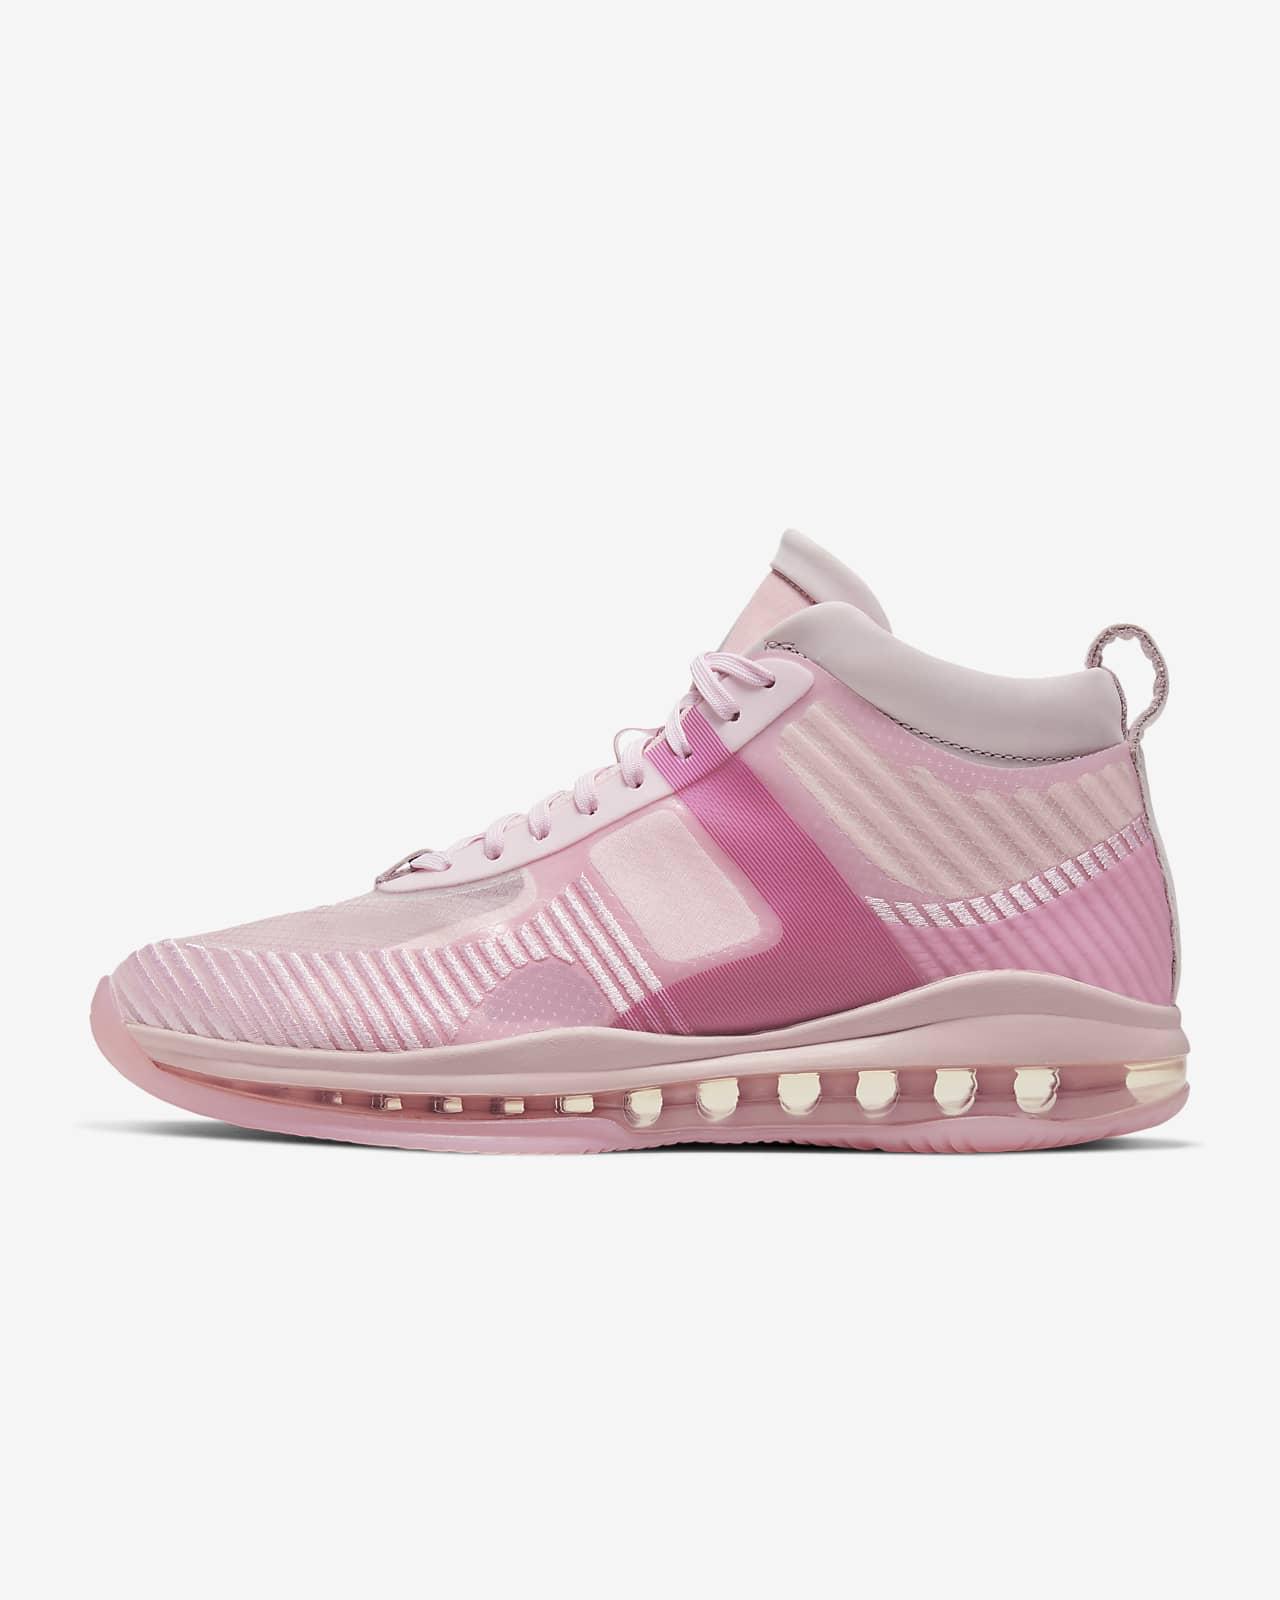 top 3 shoes 8 Best Shoelaces images Shoe laces Jordan 4 Air jordans